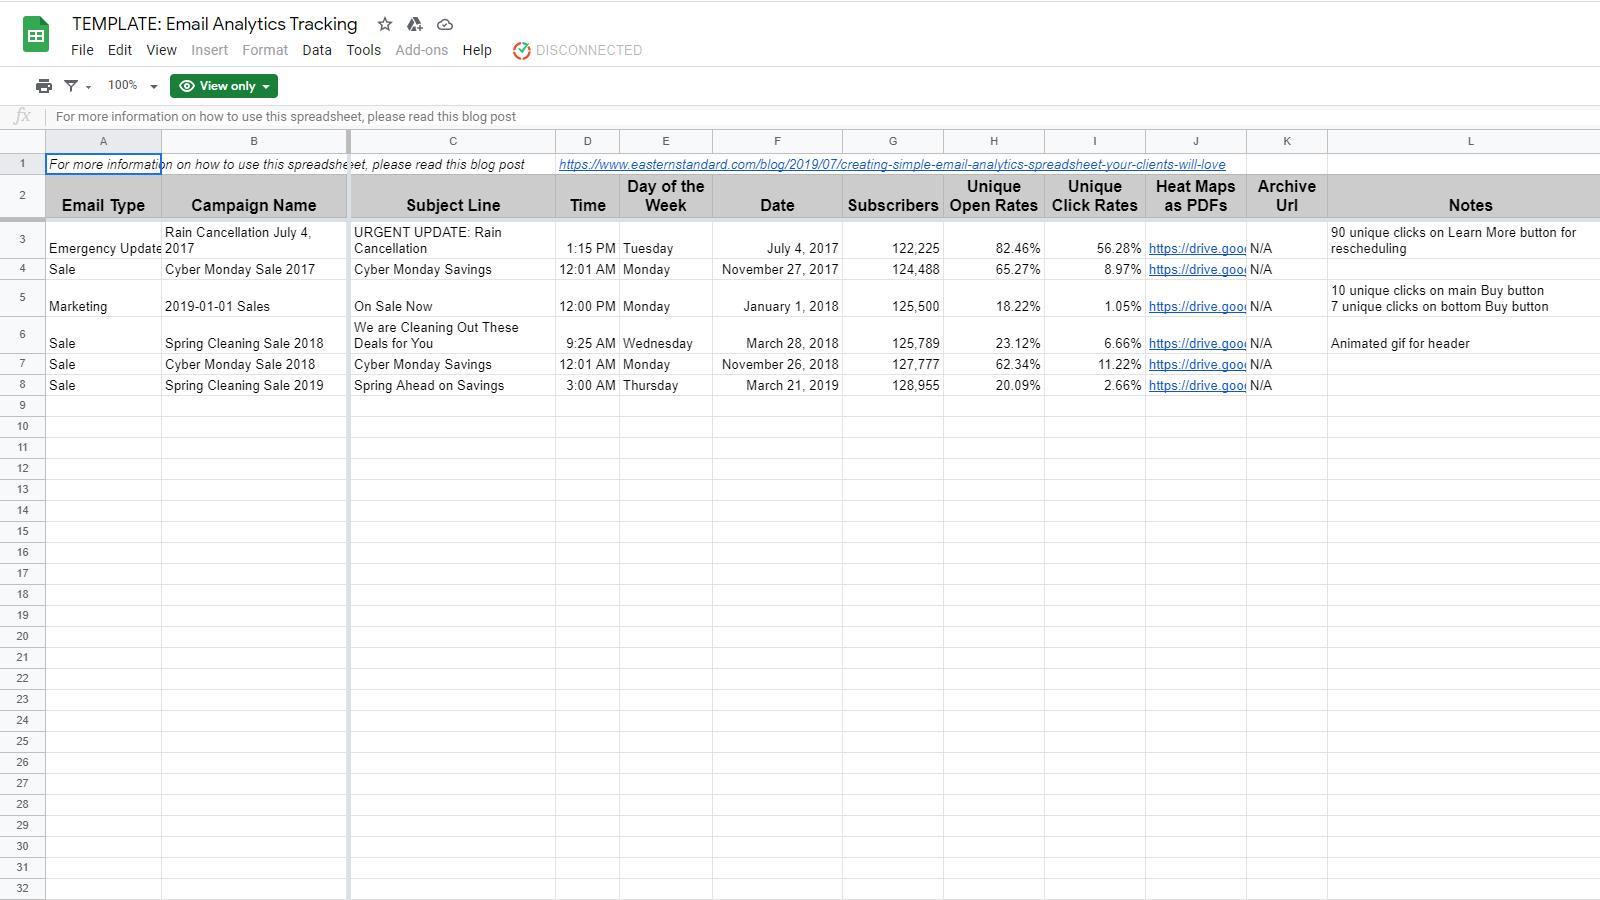 Email Analytics Tracking